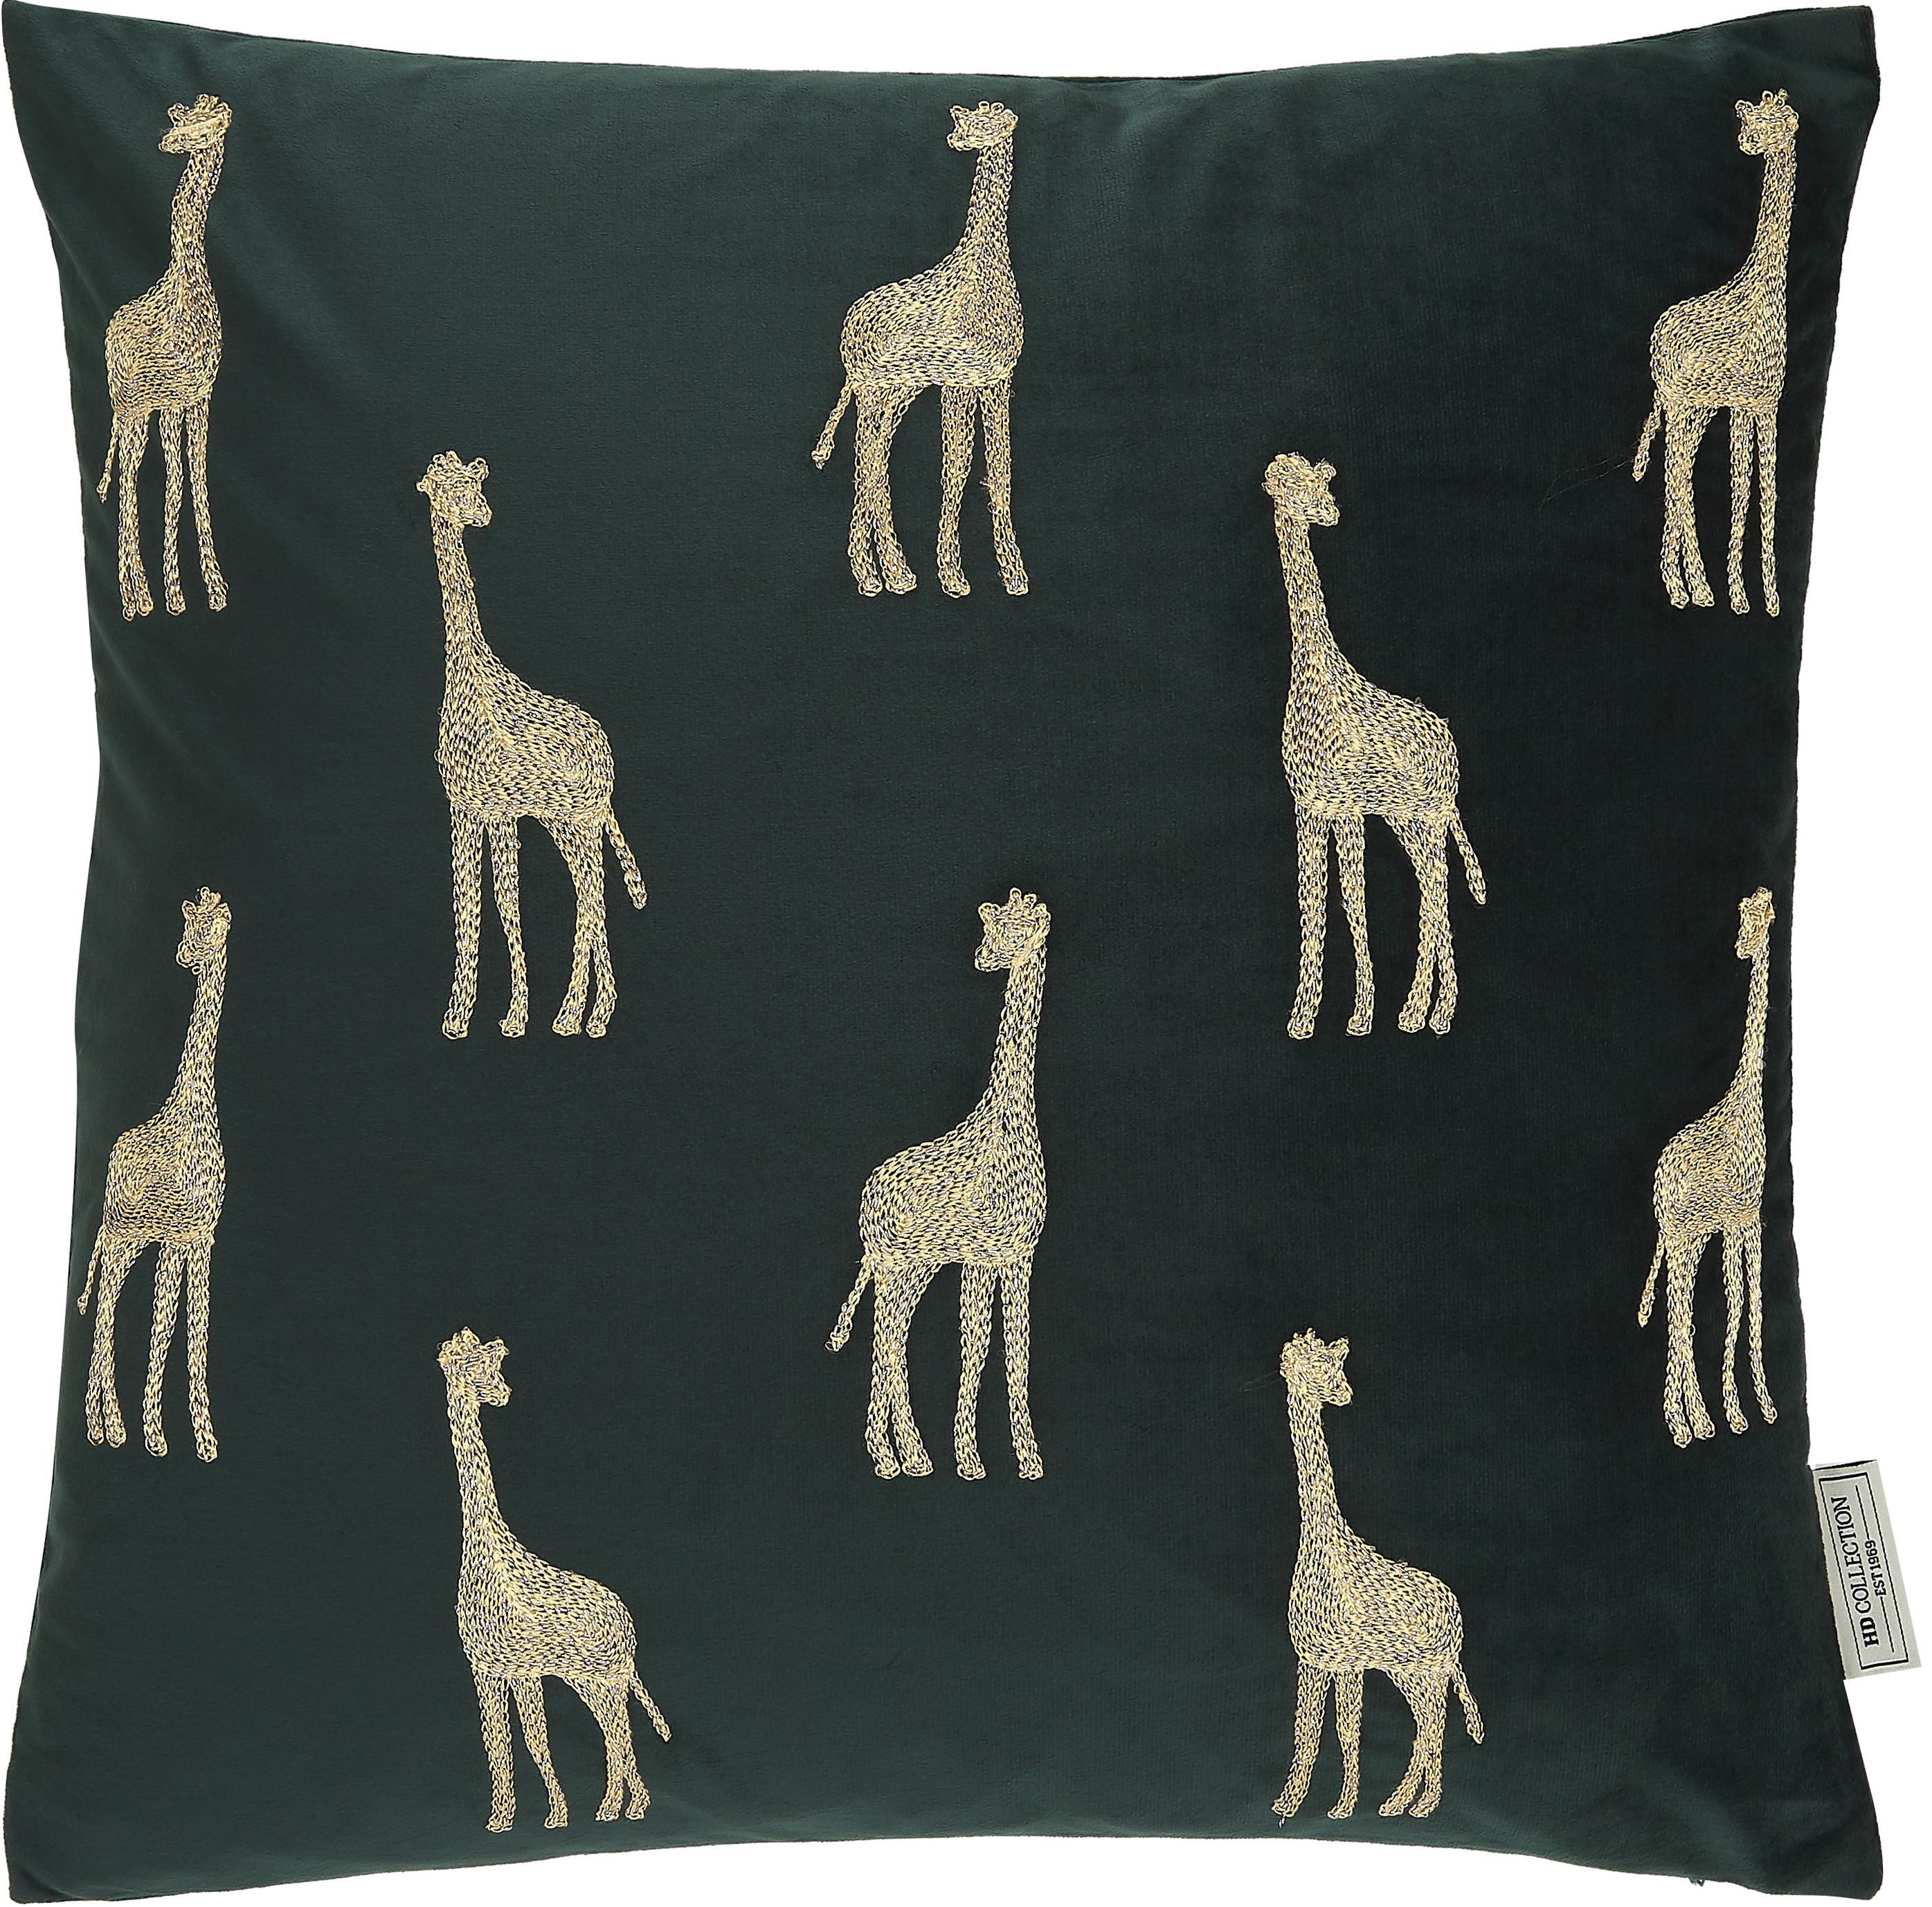 Besticktes Samt-Kissen Giraffe in Grün/Gold, mit Inlett, 100% Samt (Polyester), Grün, Goldfarben, 45 x 45 cm